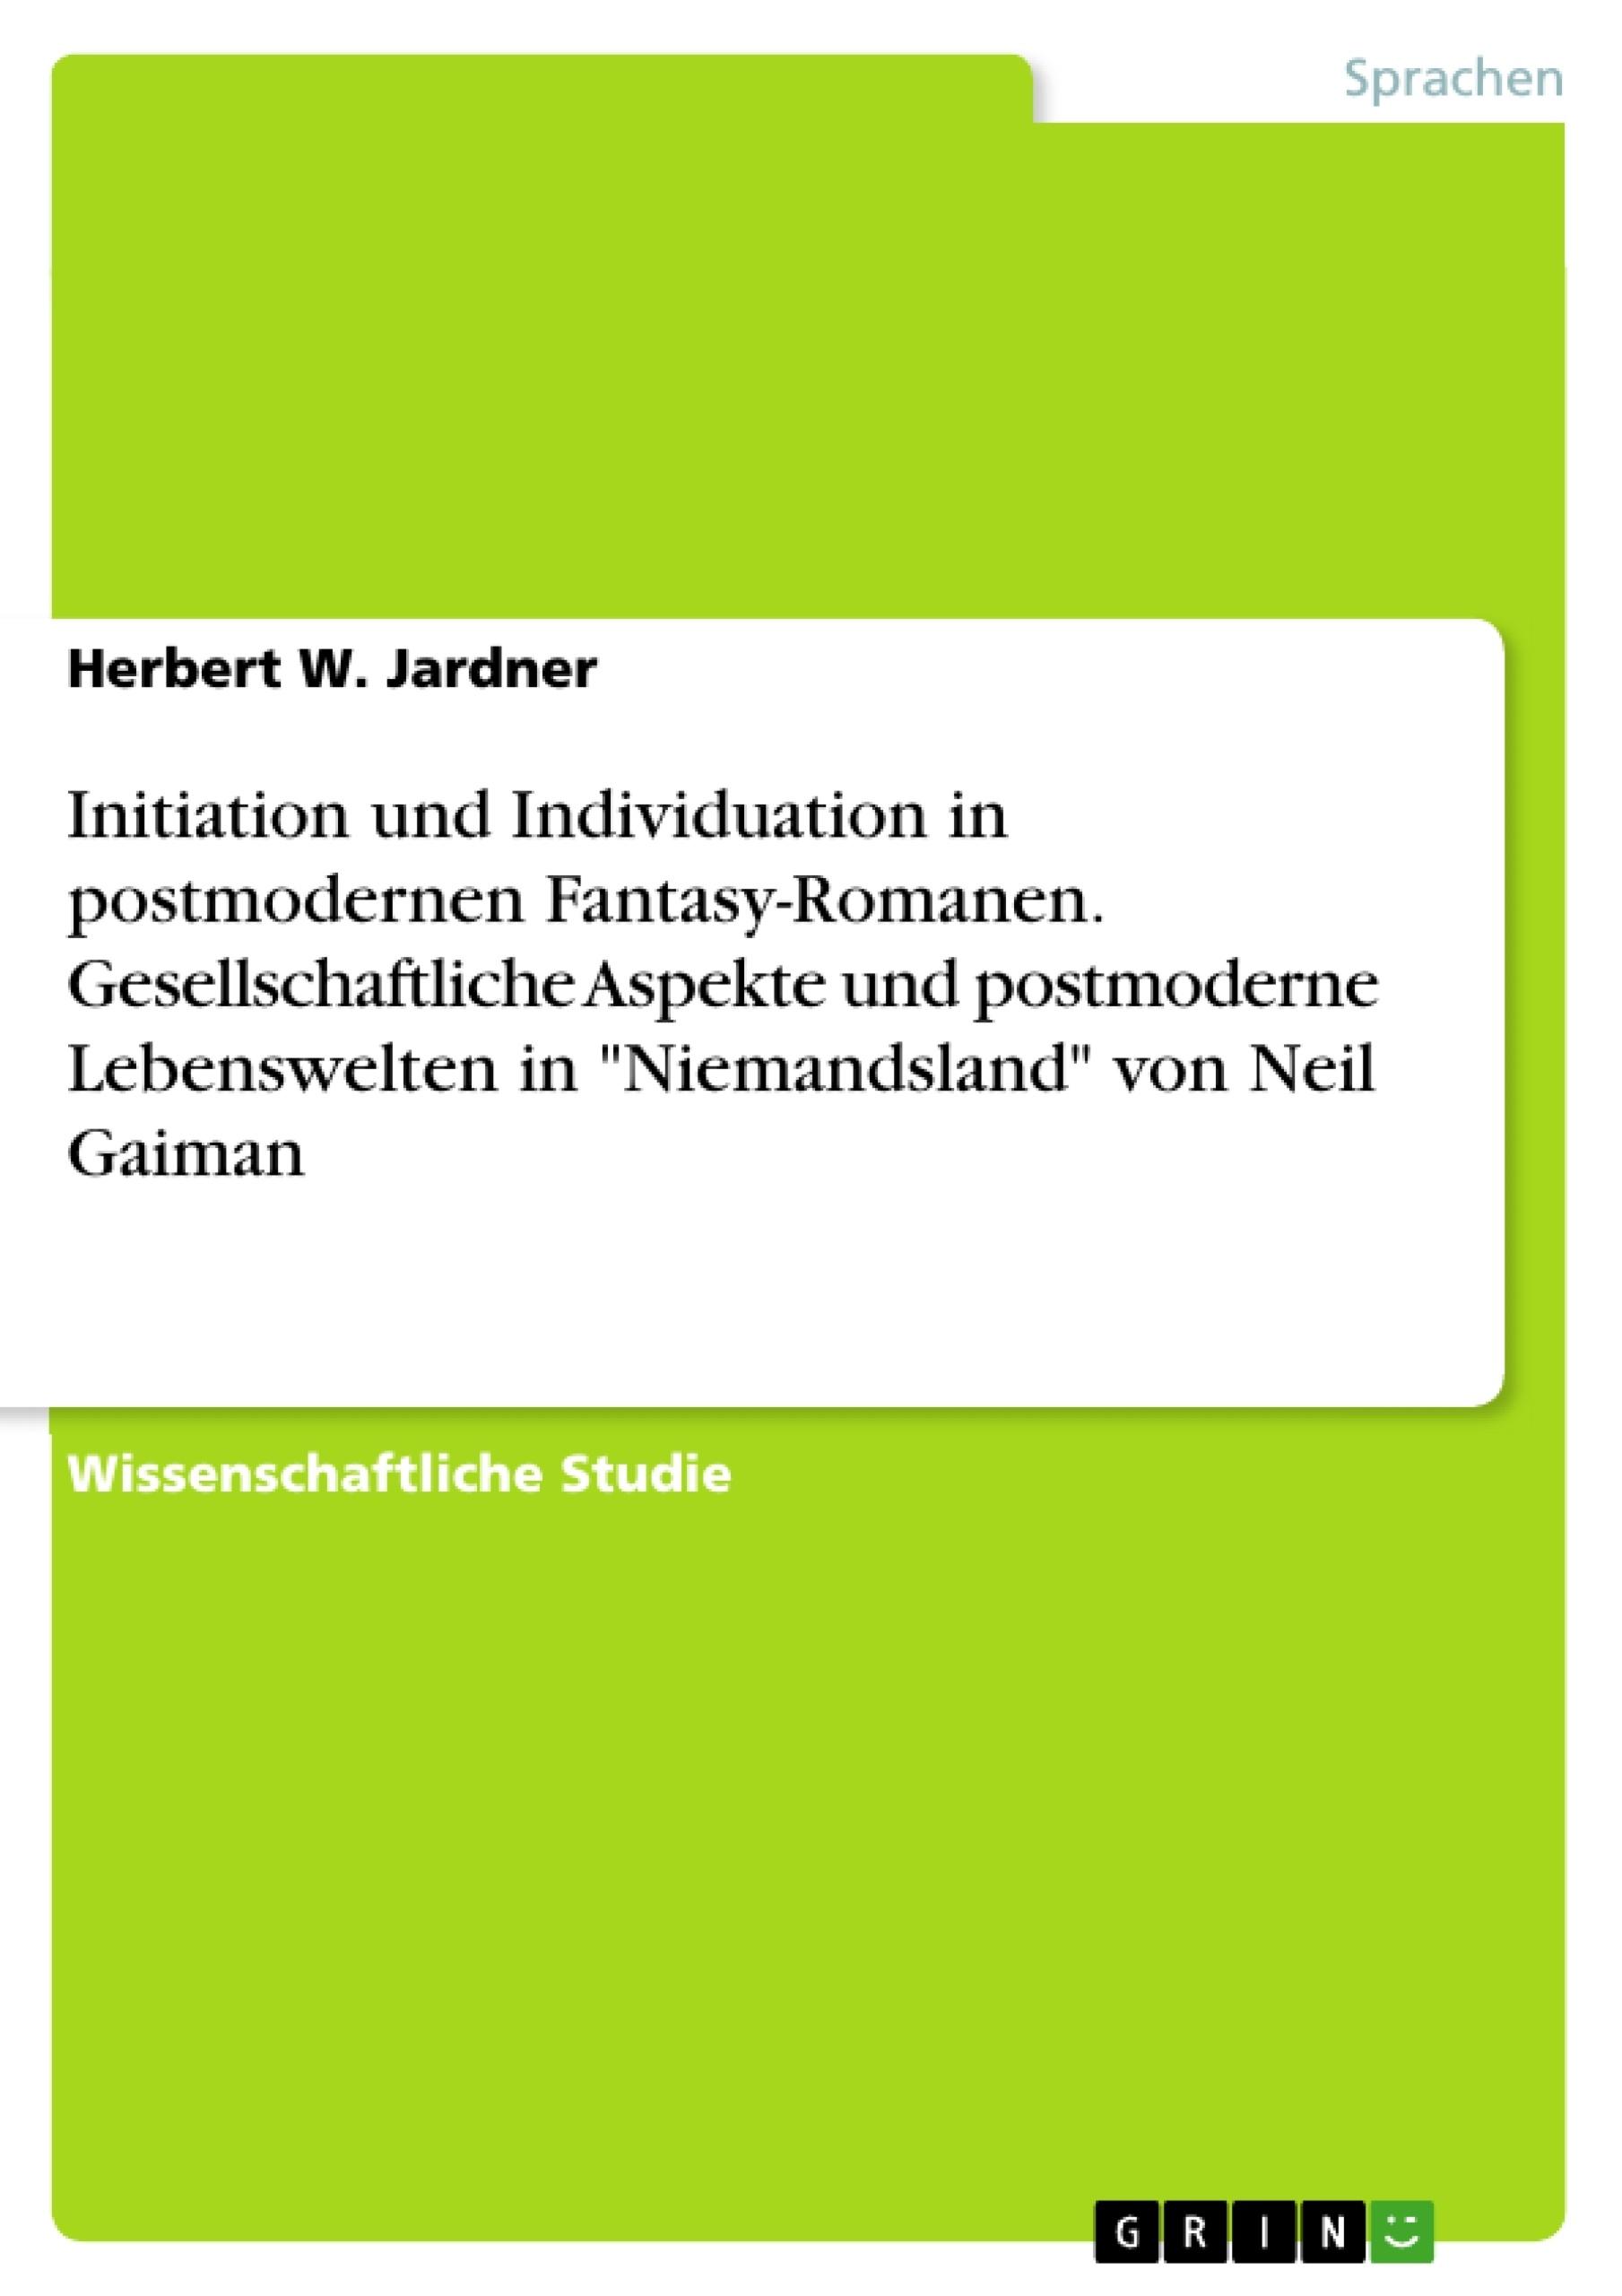 """Titel: Initiation und Individuation in postmodernen Fantasy-Romanen. Gesellschaftliche Aspekte und postmoderne Lebenswelten in """"Niemandsland"""" von Neil Gaiman"""